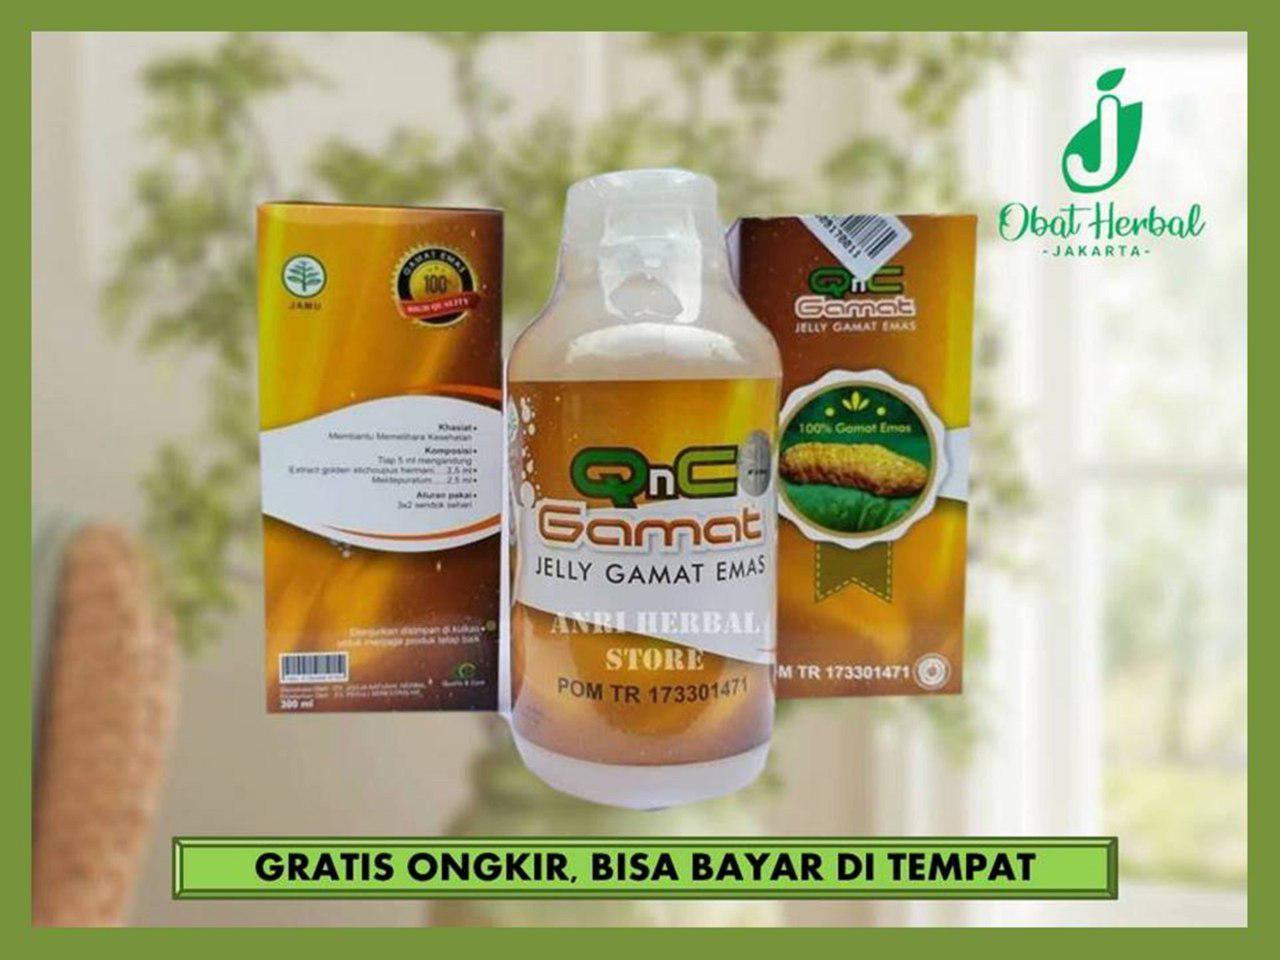 Qnc Jelly Gamat Produk Asli  100% -  jely gamat Gold-Obat Herbal Alami (Produk Bergaransi) Obat Herbal Jely Jelly jeli Gamat Qnc (Produk Bergaransi)